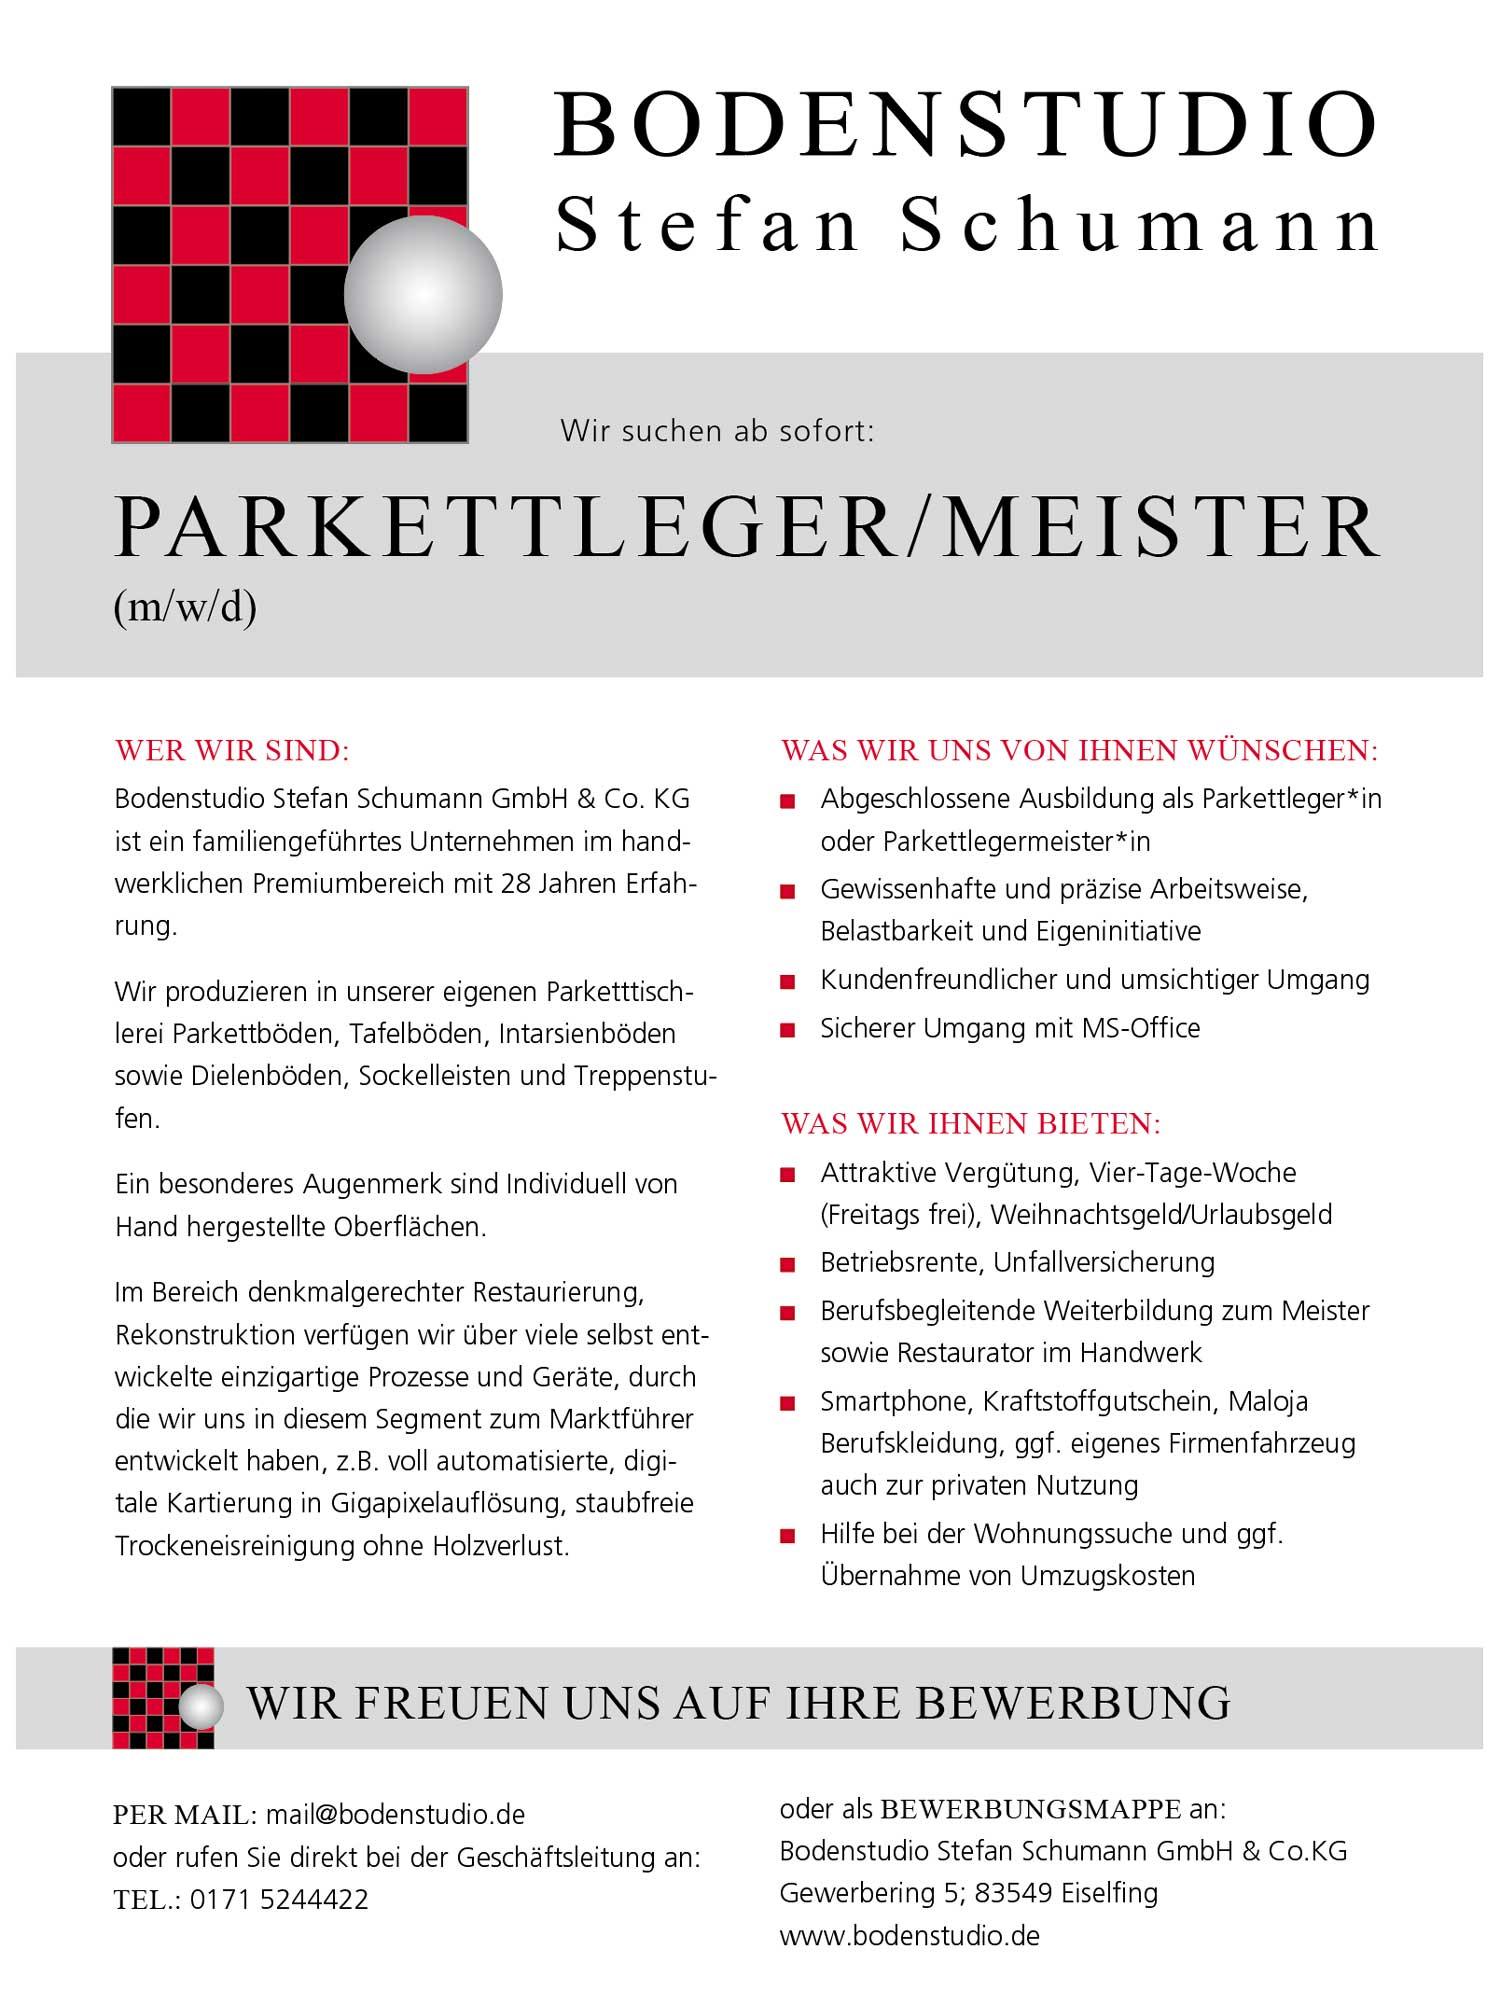 Parkettleger/Meister (m/w/d)